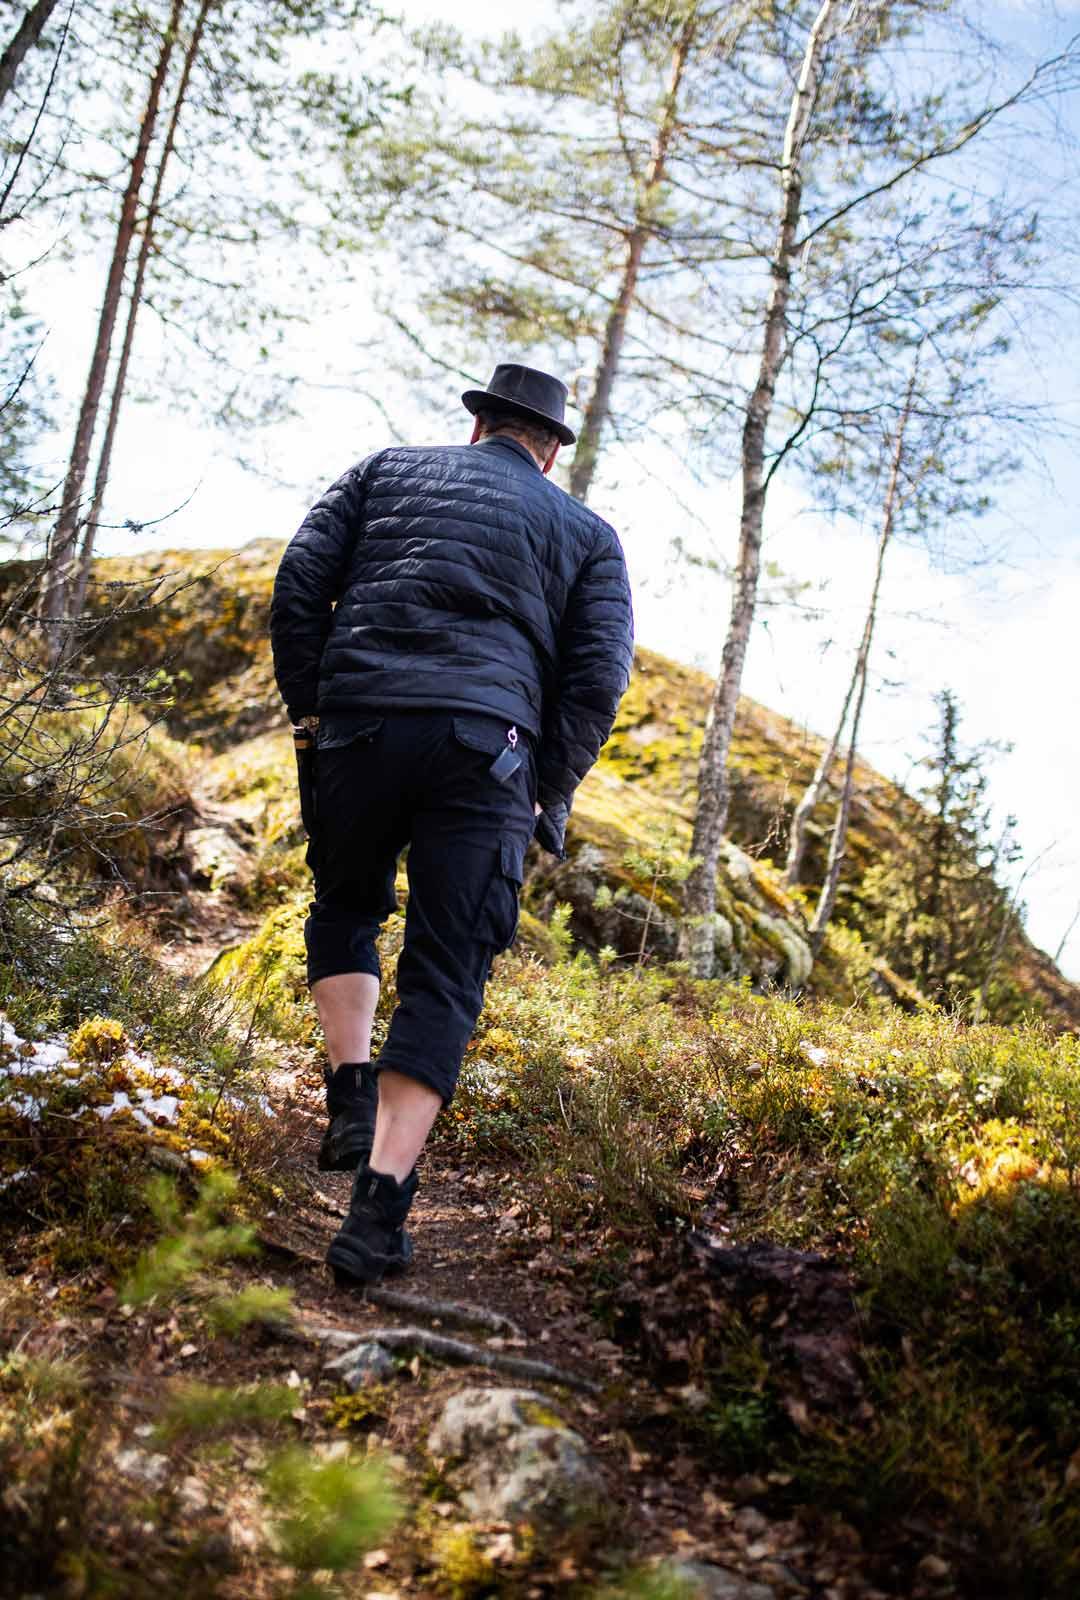 Ville Haapasalo ei harrasta vaeltamista, vaan metsä on hänelle rauhoittumisen paikka.